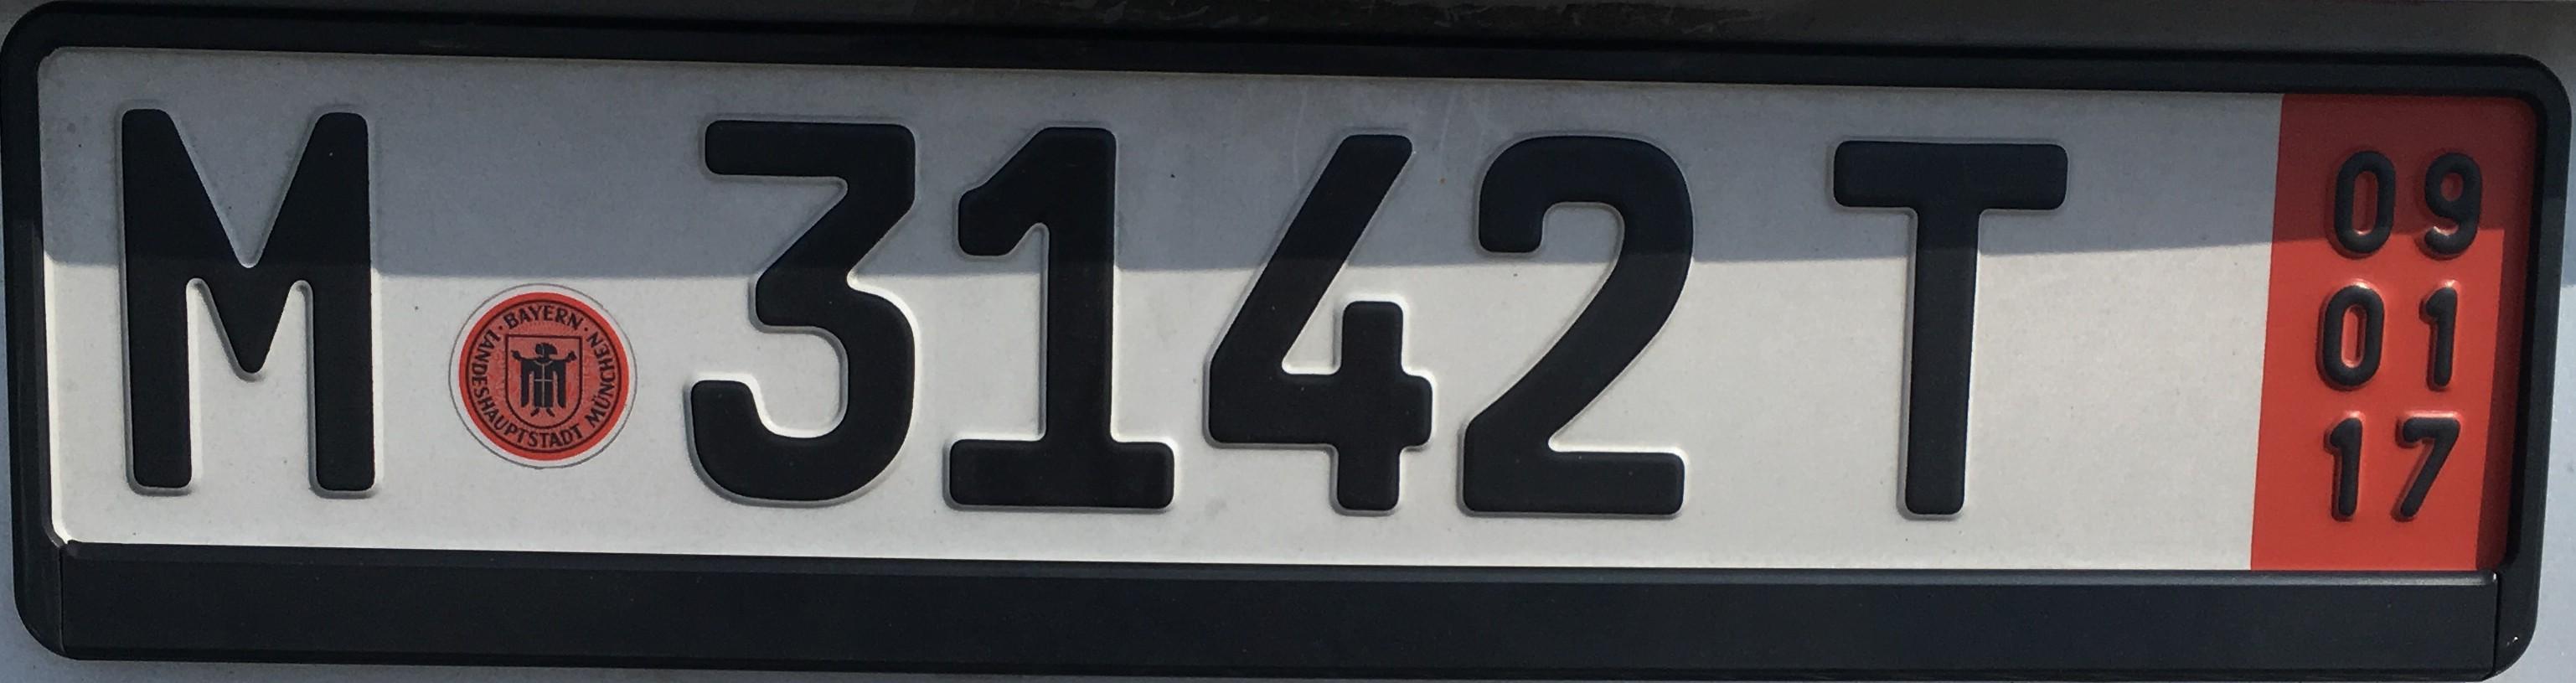 Registrační značka Německo - exportní, foto: vlastní